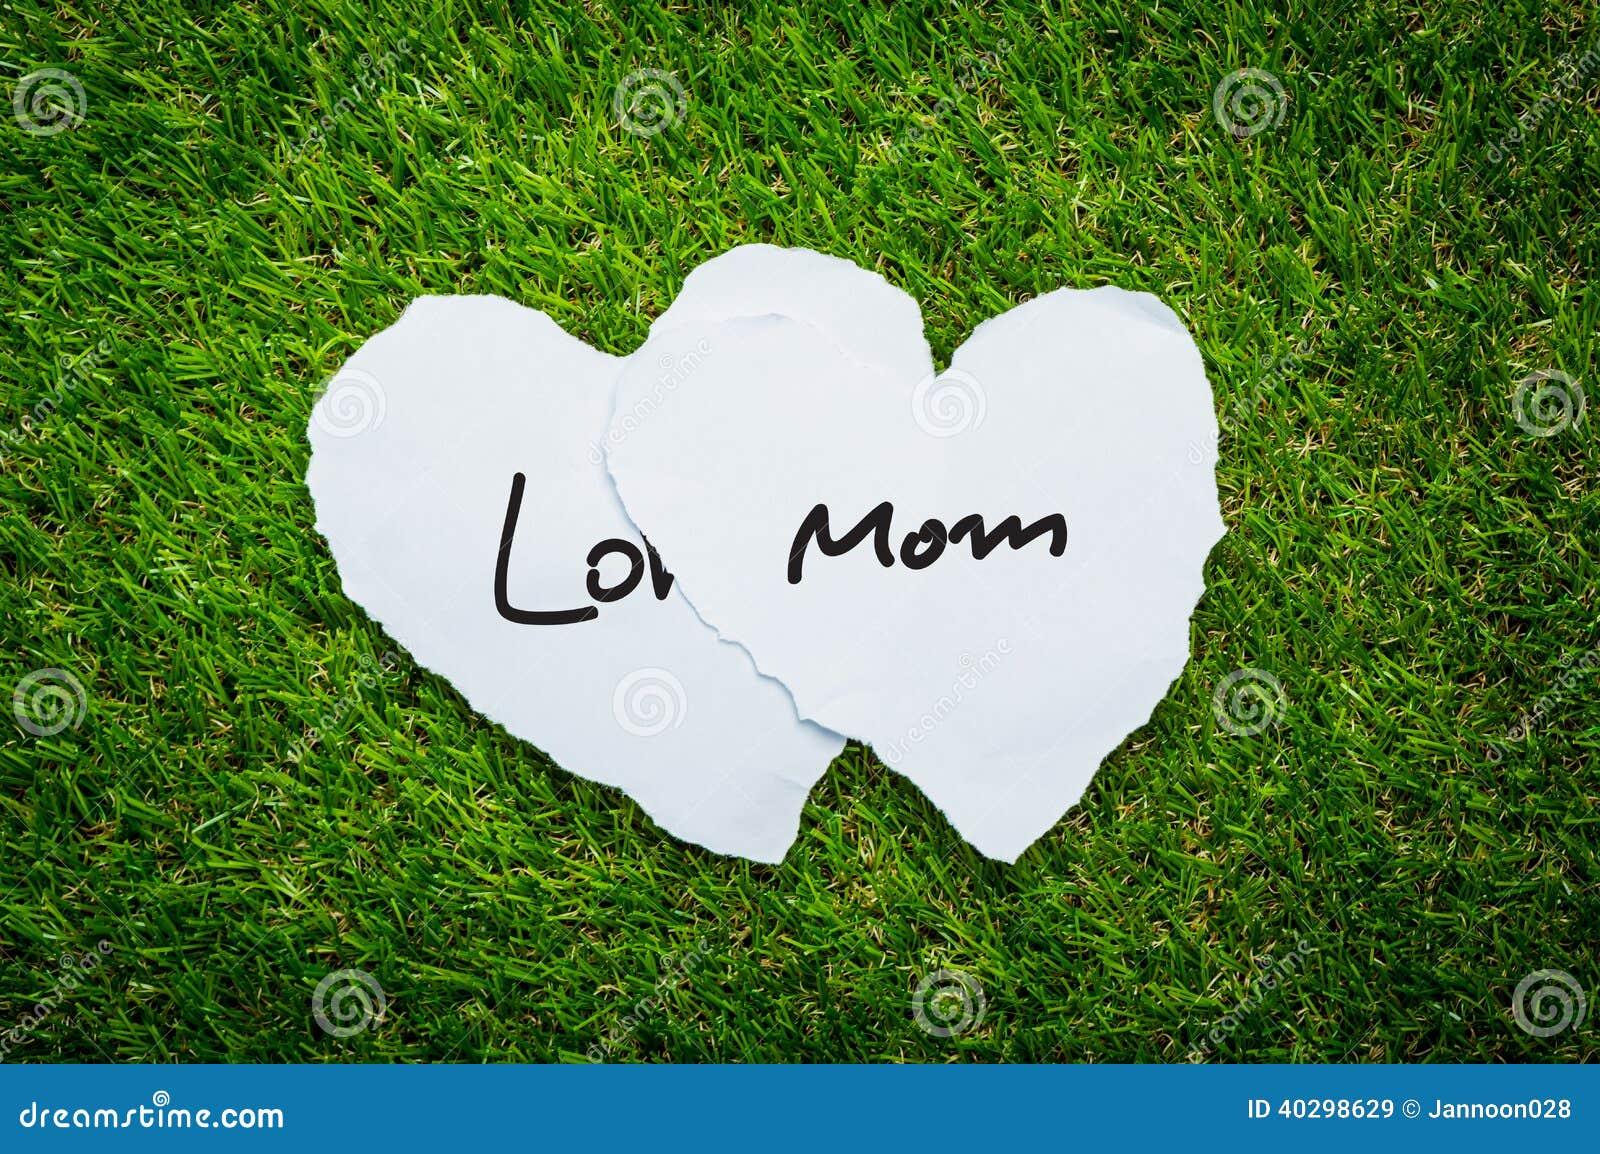 Papier mit zwei Herzen auf Hintergrund des grünen Grases